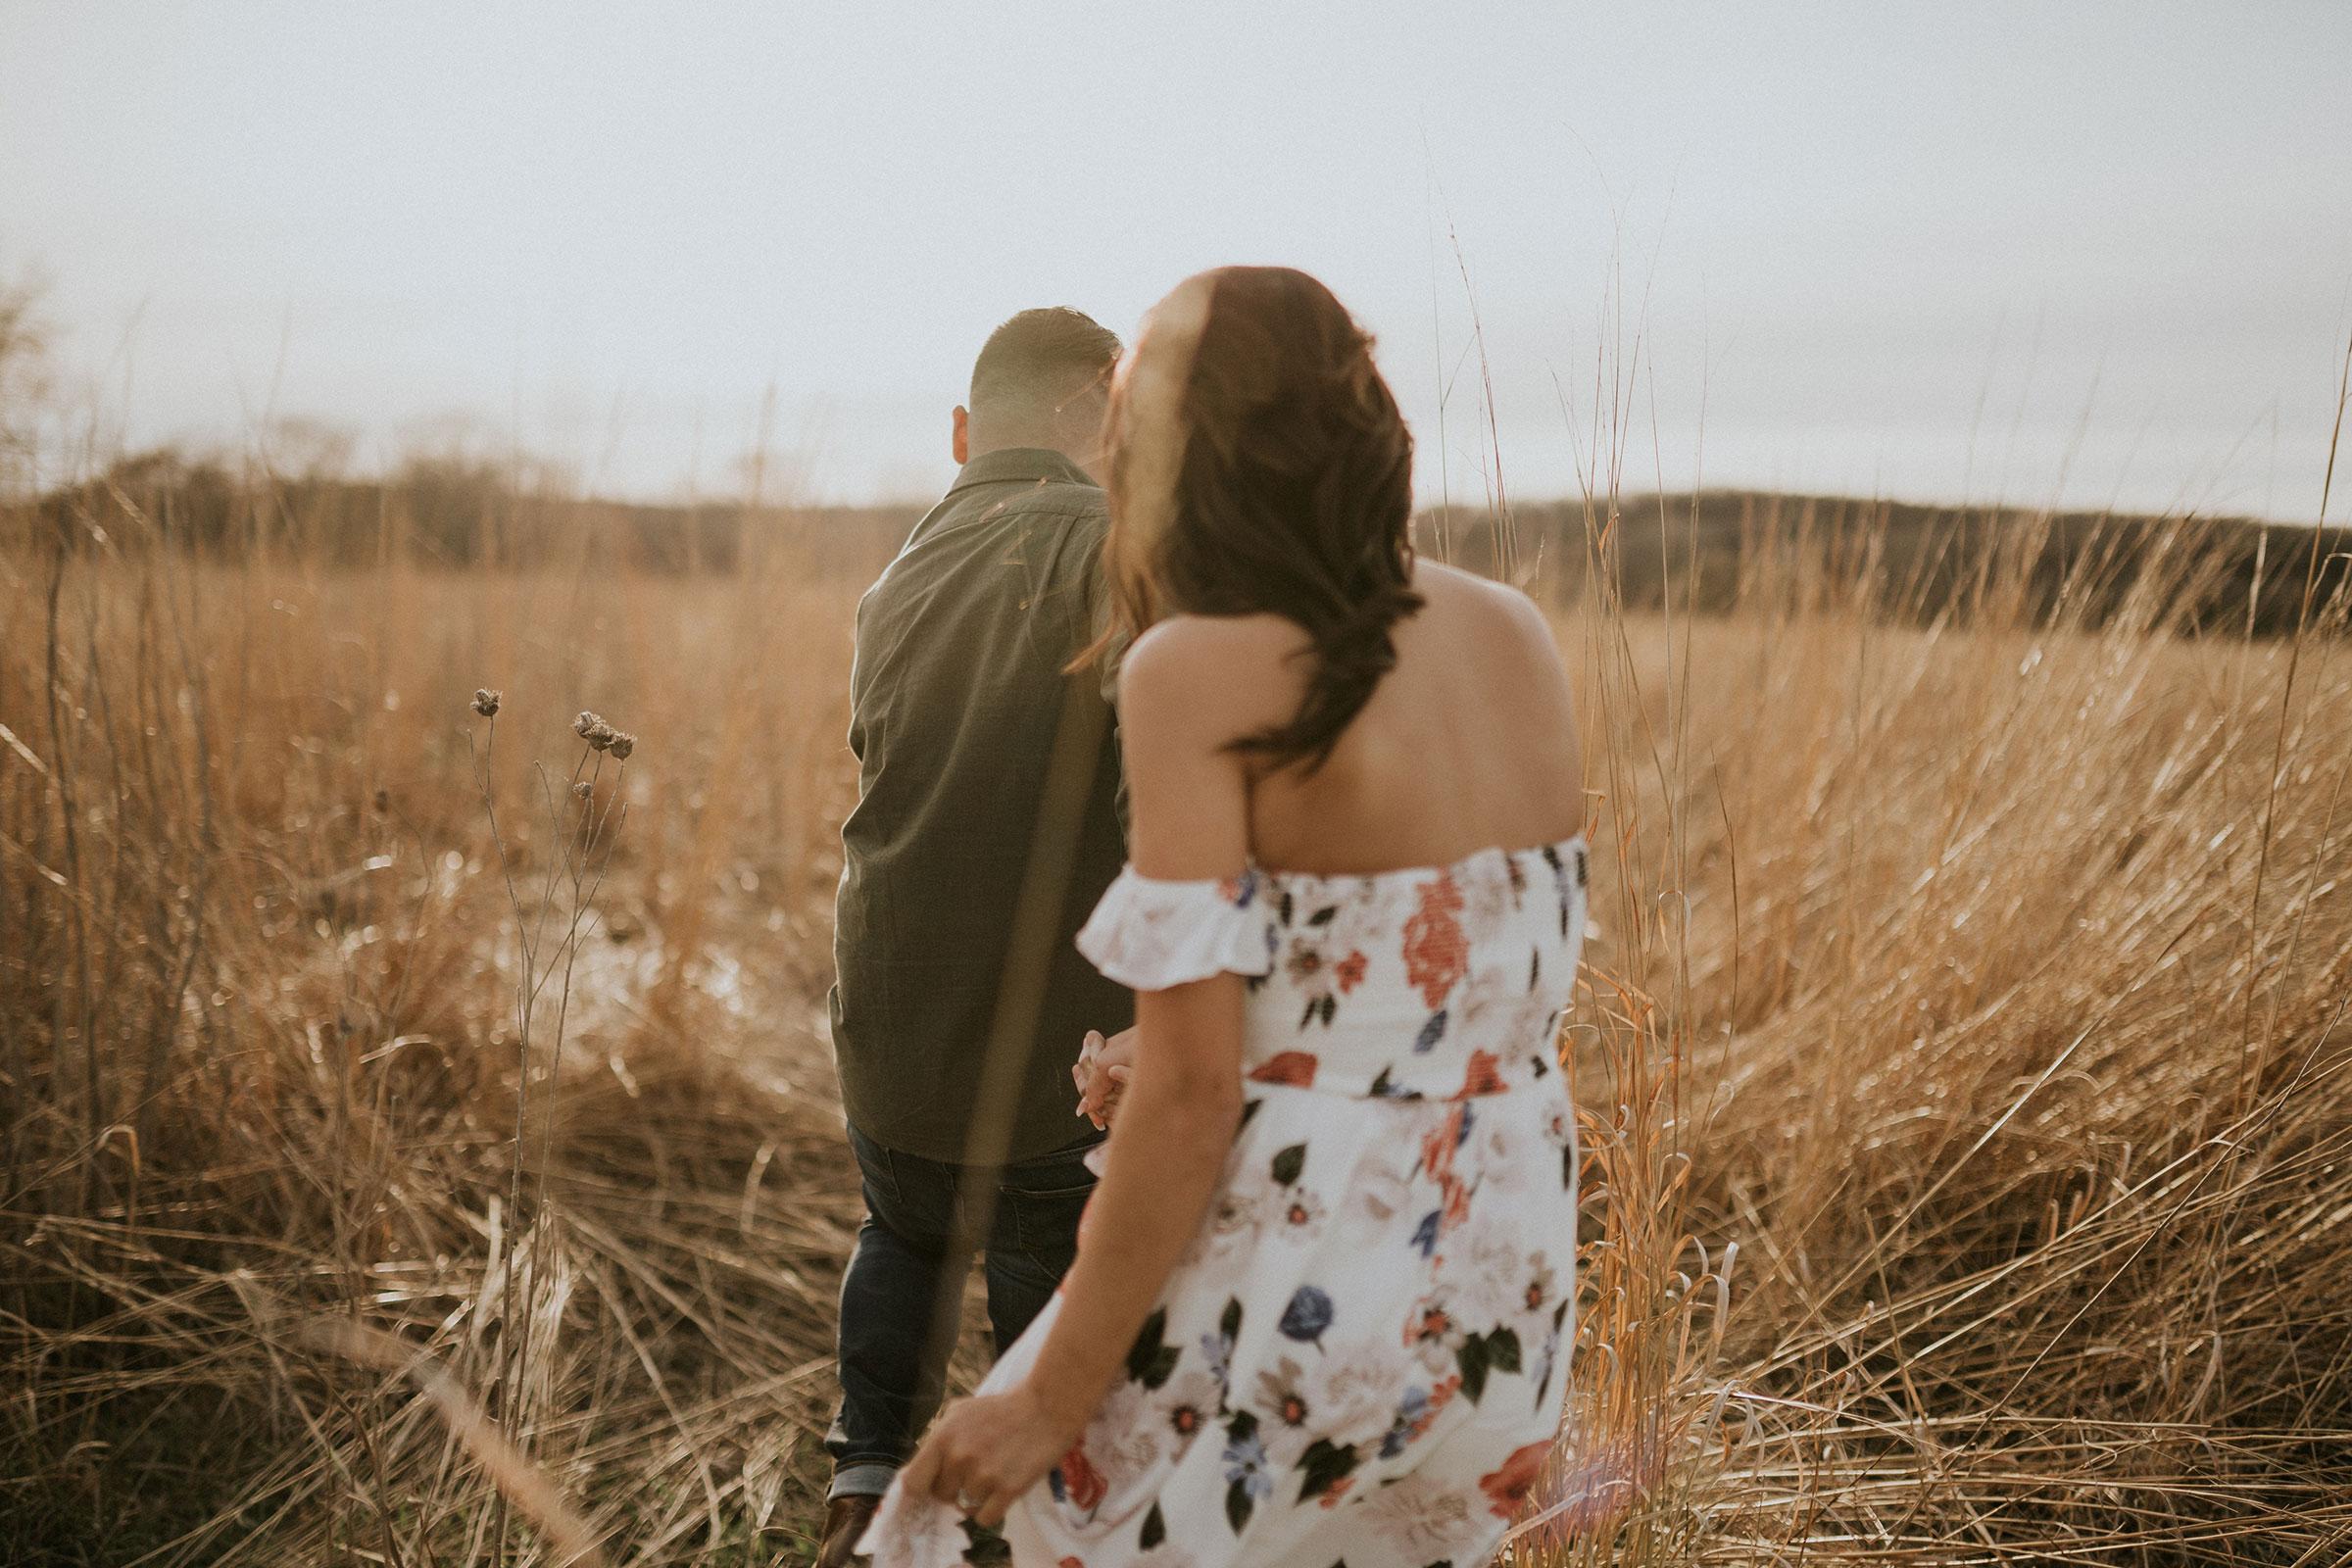 couple-walking-into-field-winterset-iowa-raelyn-ramey-photography.jpg